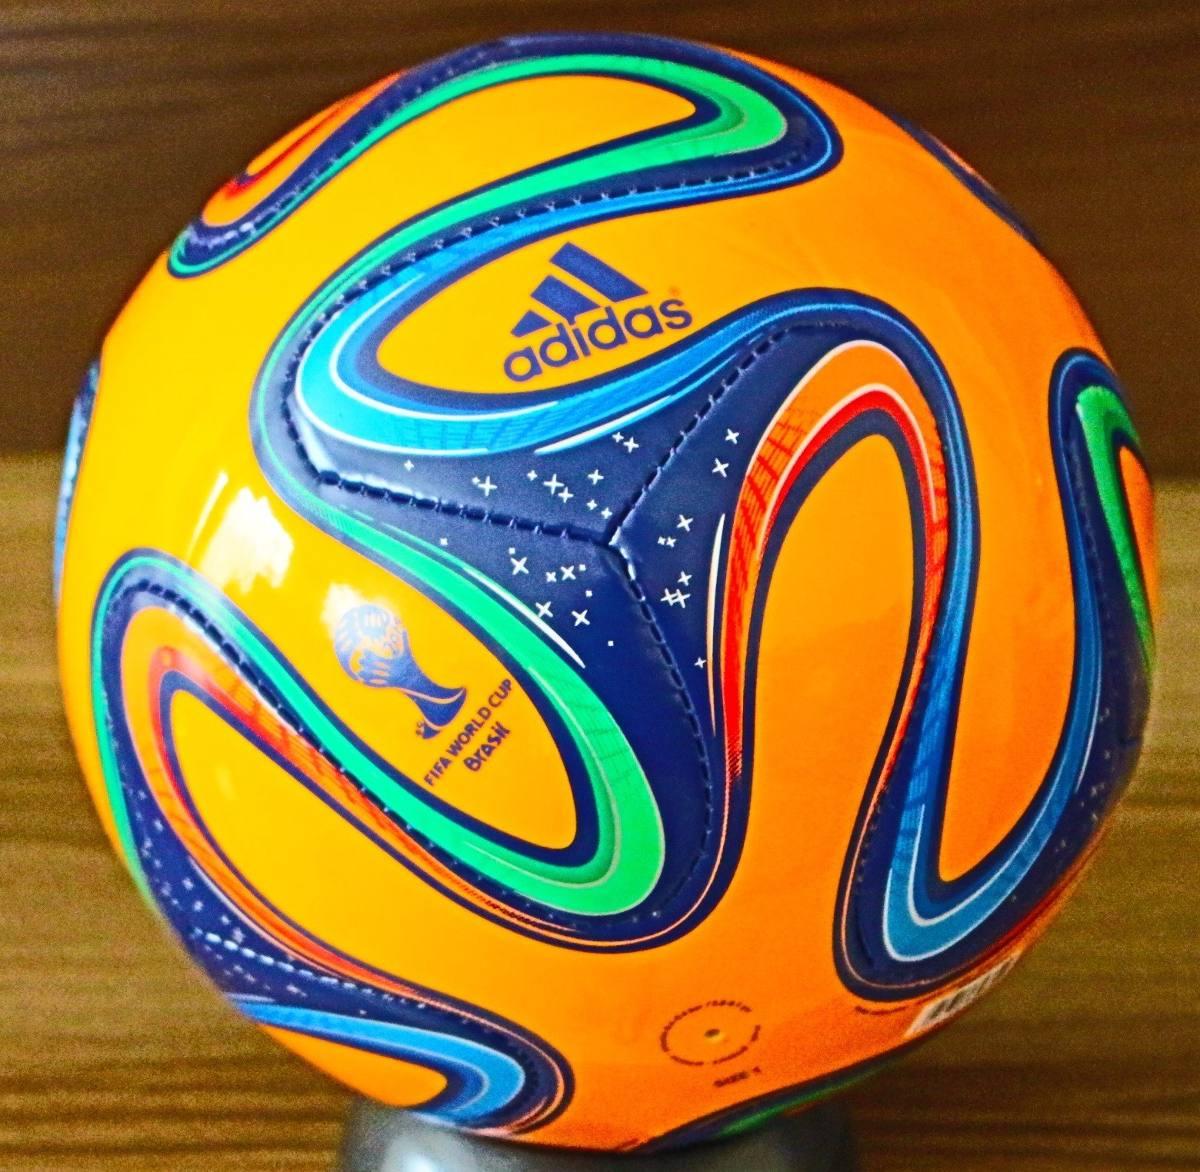 minibola adidas brazuca copa do brasil 2014. Carregando zoom. 9234d0cdd23a4